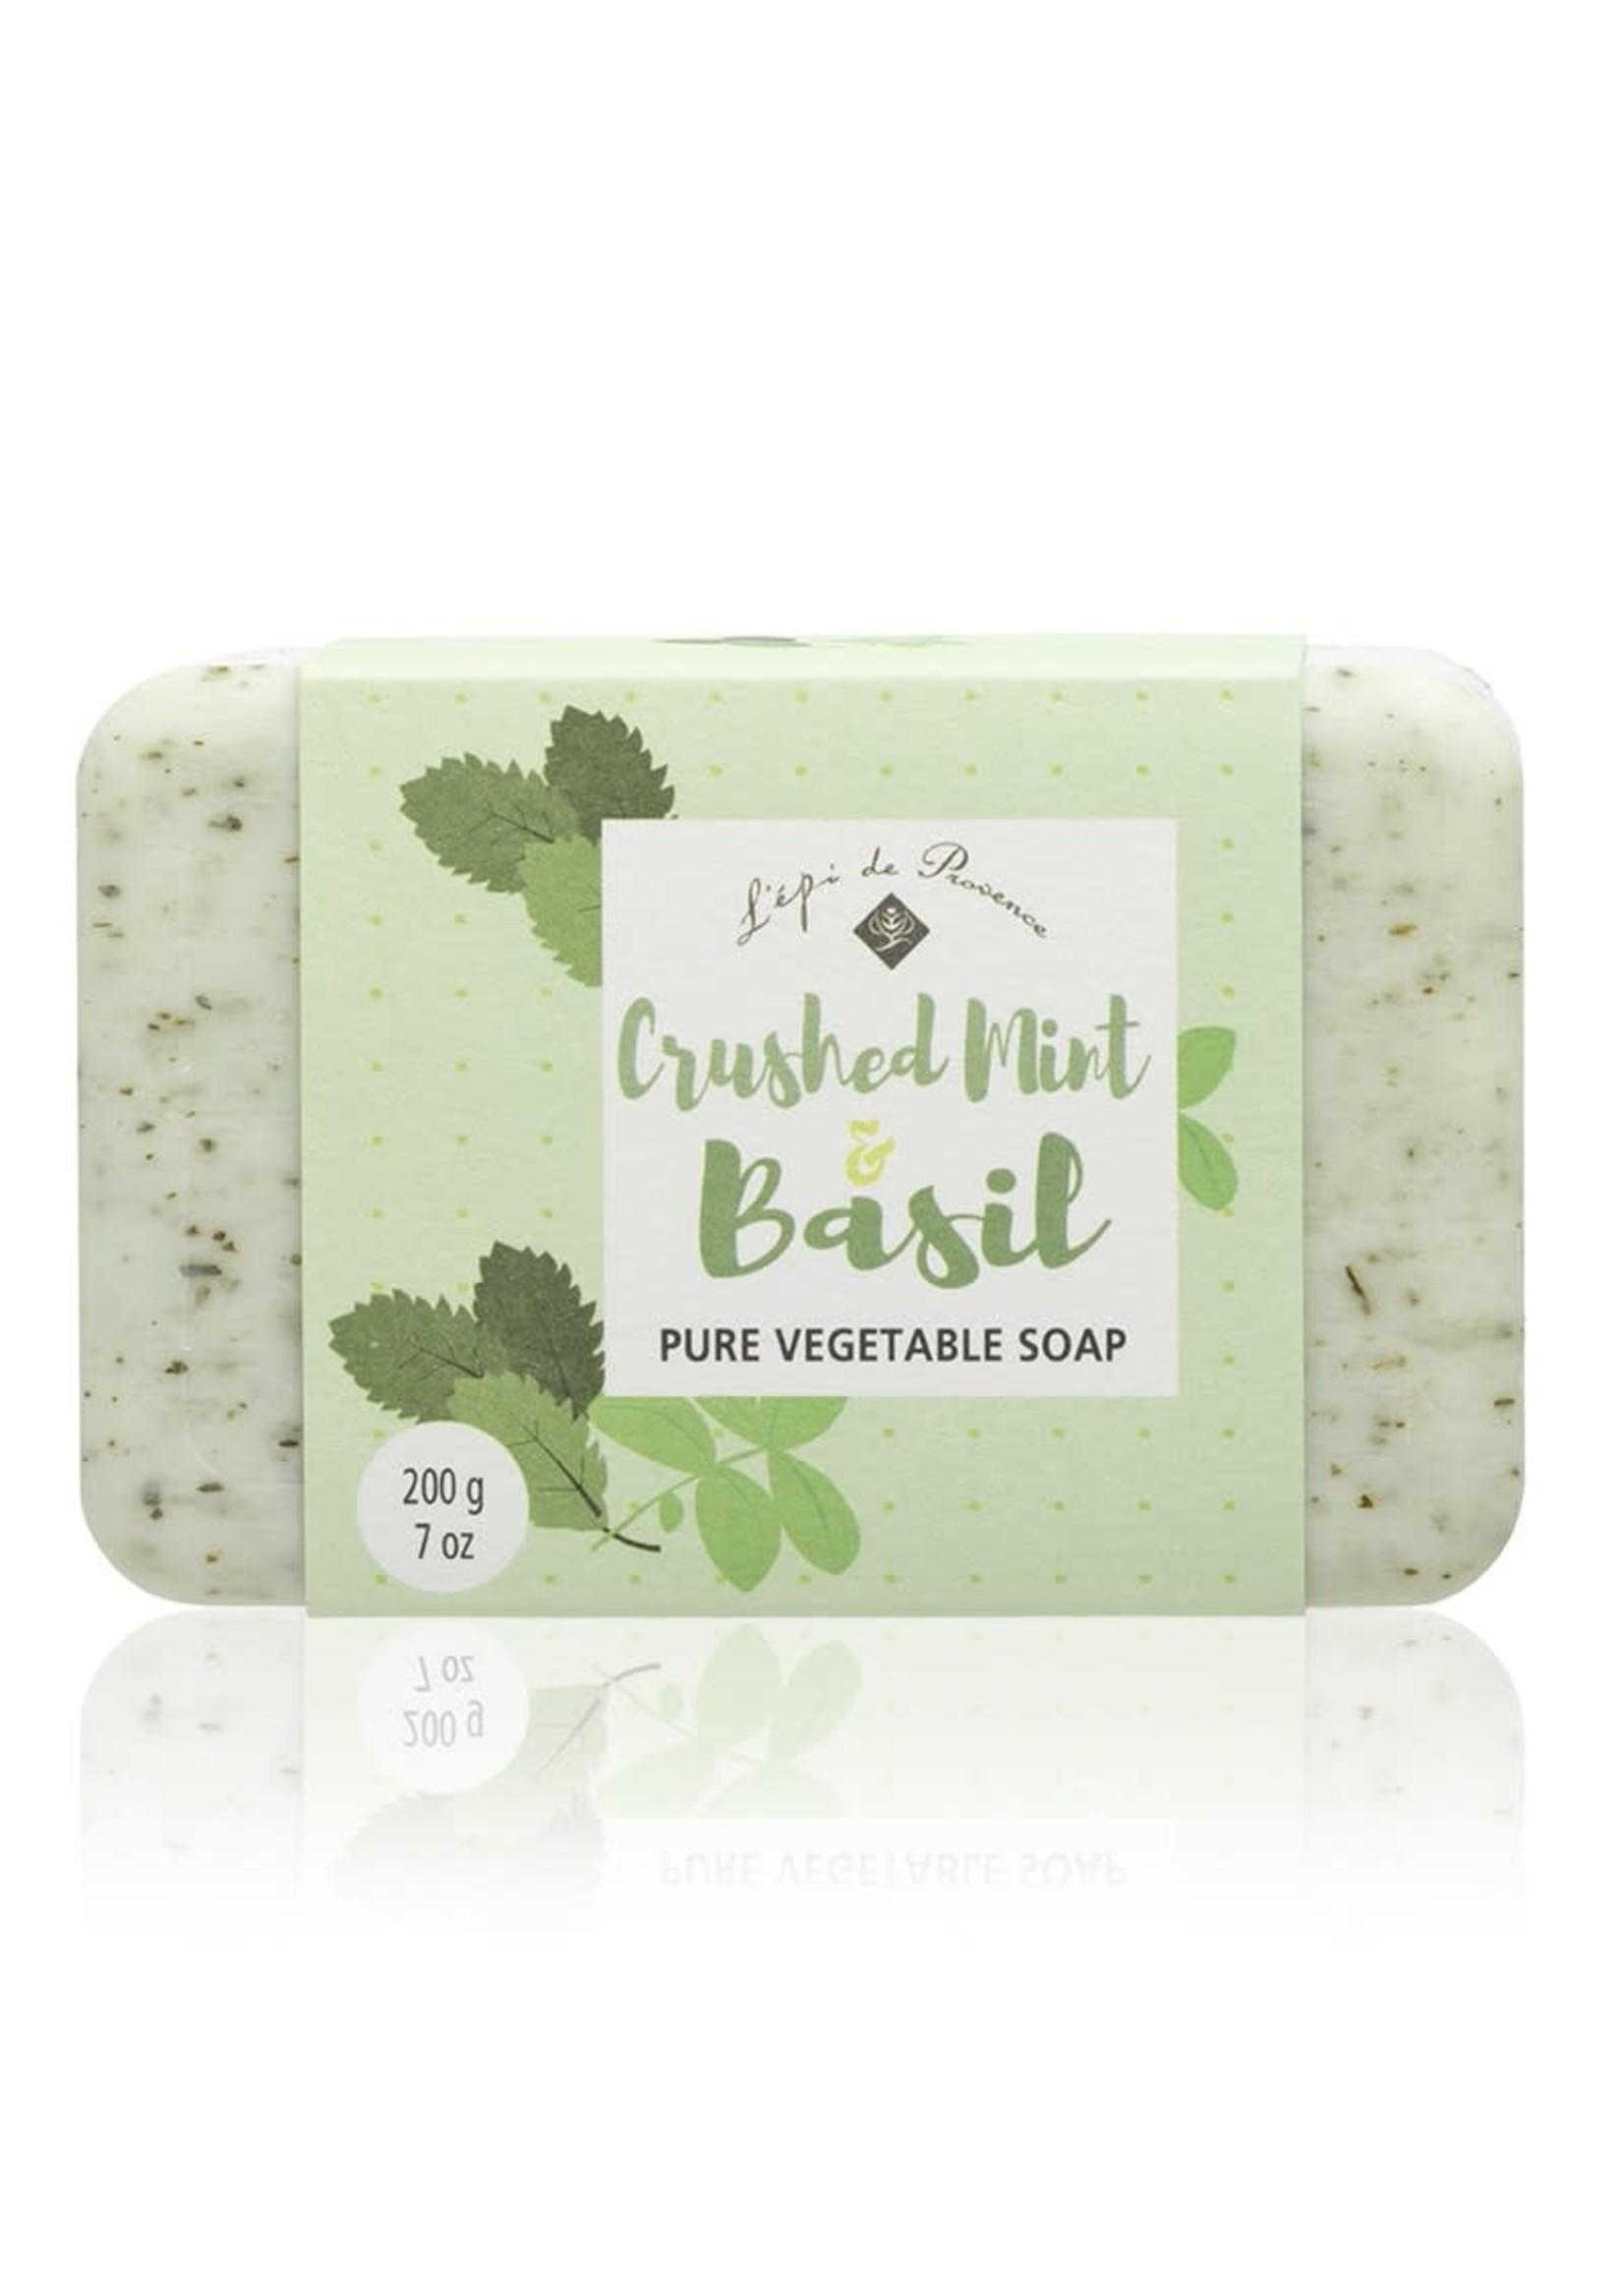 Echo France Soap Crushed Mint & Basil 200g Soap